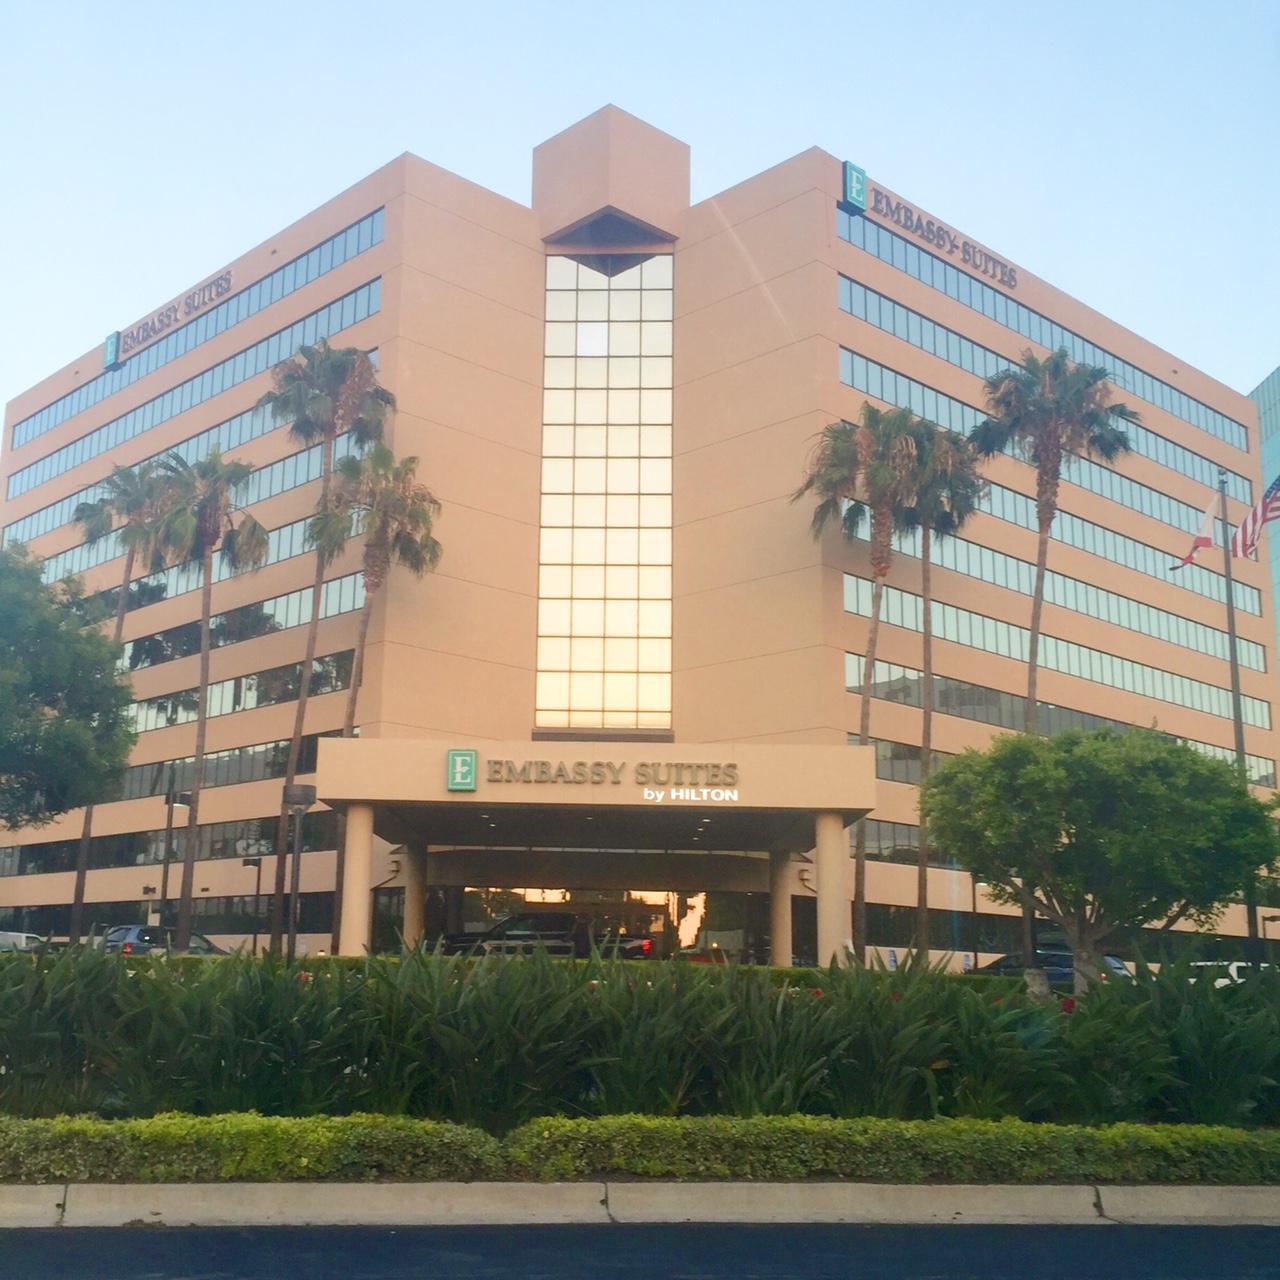 Embassy Suites Irvine